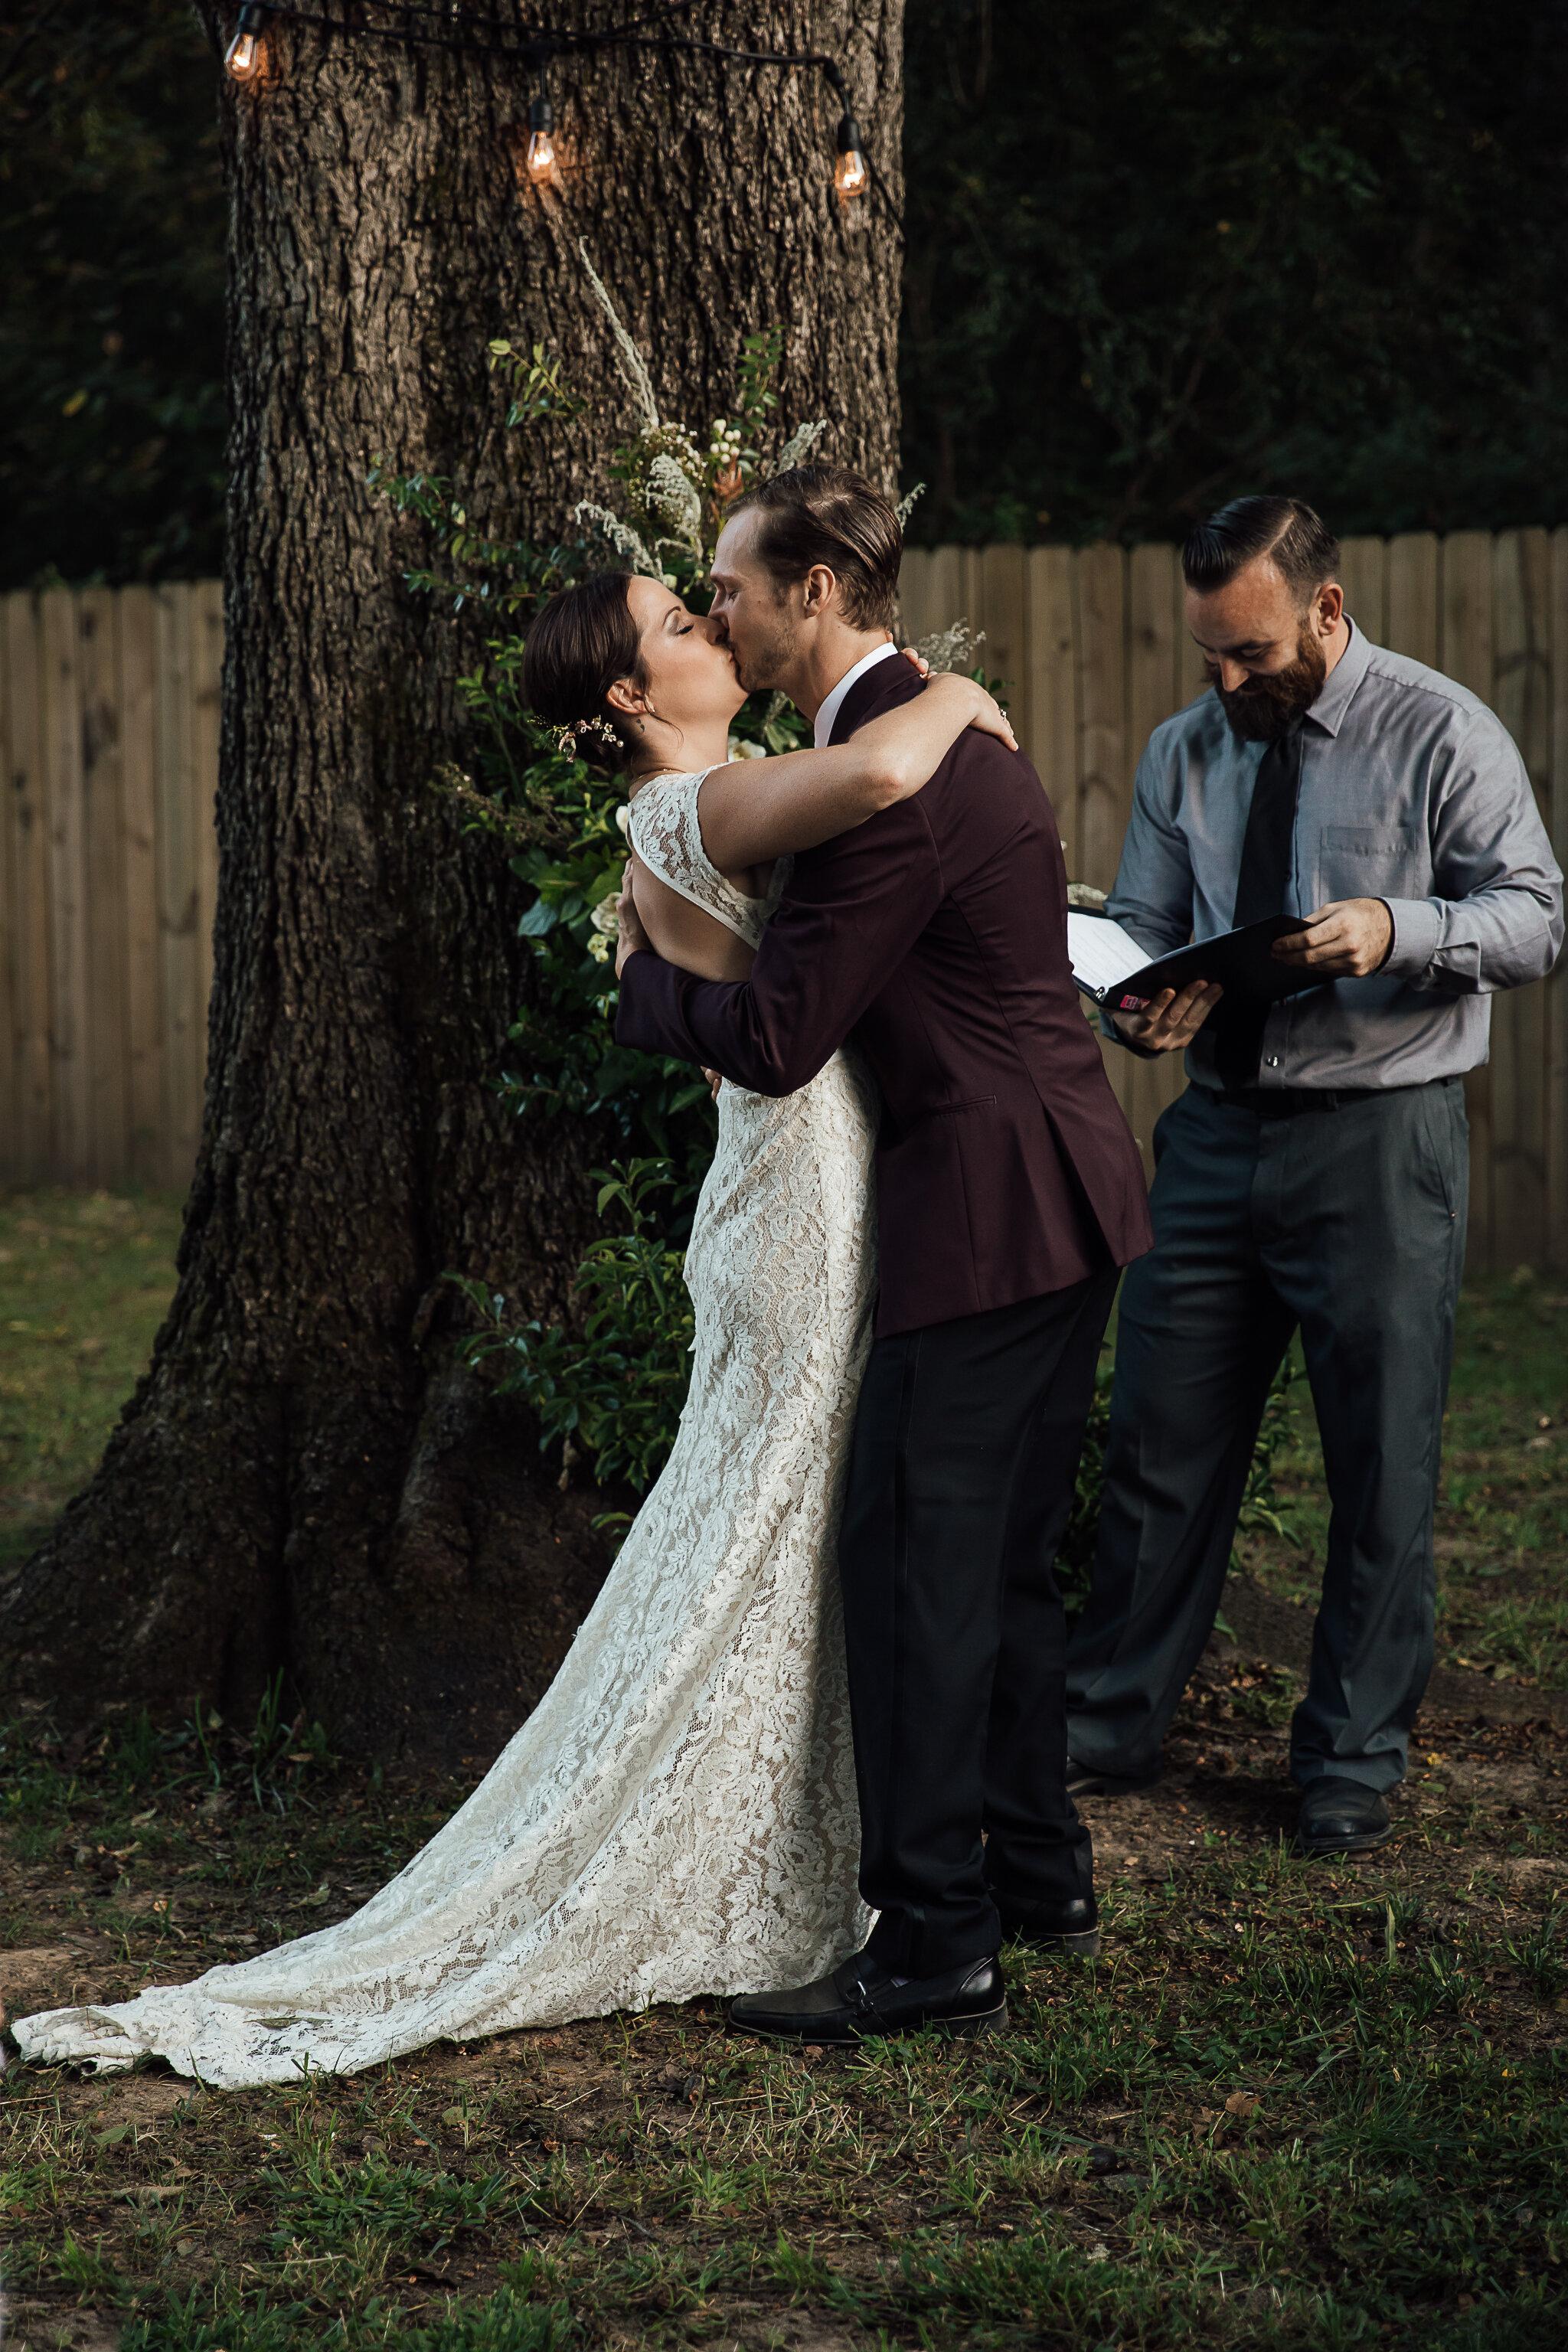 Allison-and-Wesley-Memphis-Backyard-Wedding-TheWarmthAroundYou-164.jpg